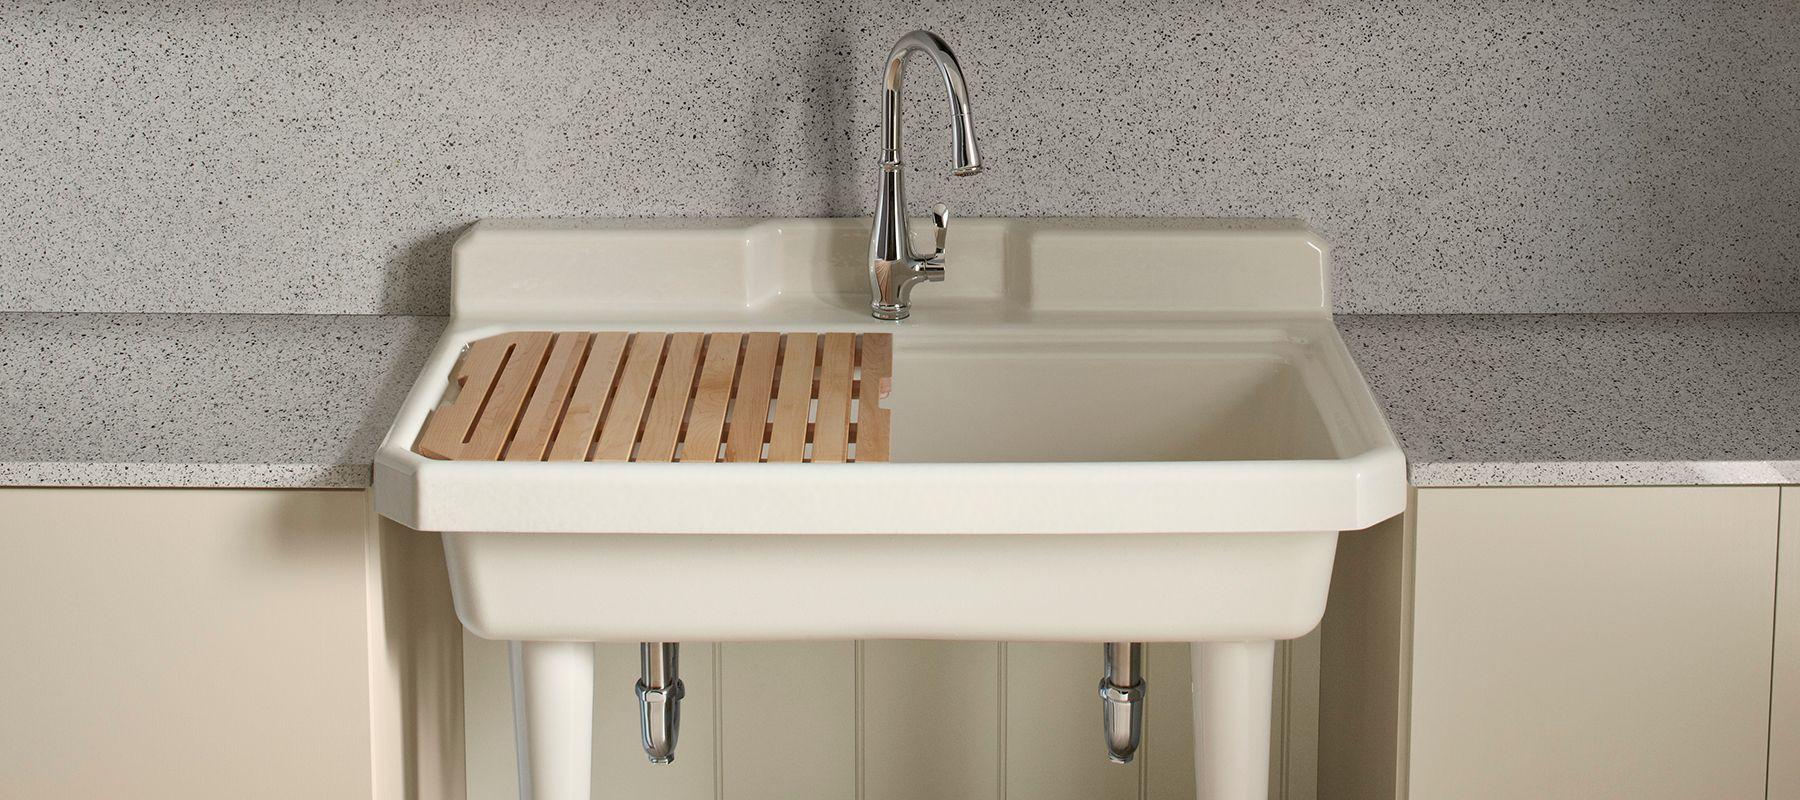 Kohler Enameled Cast Iron Utility Sinks Kitchen Kohler With